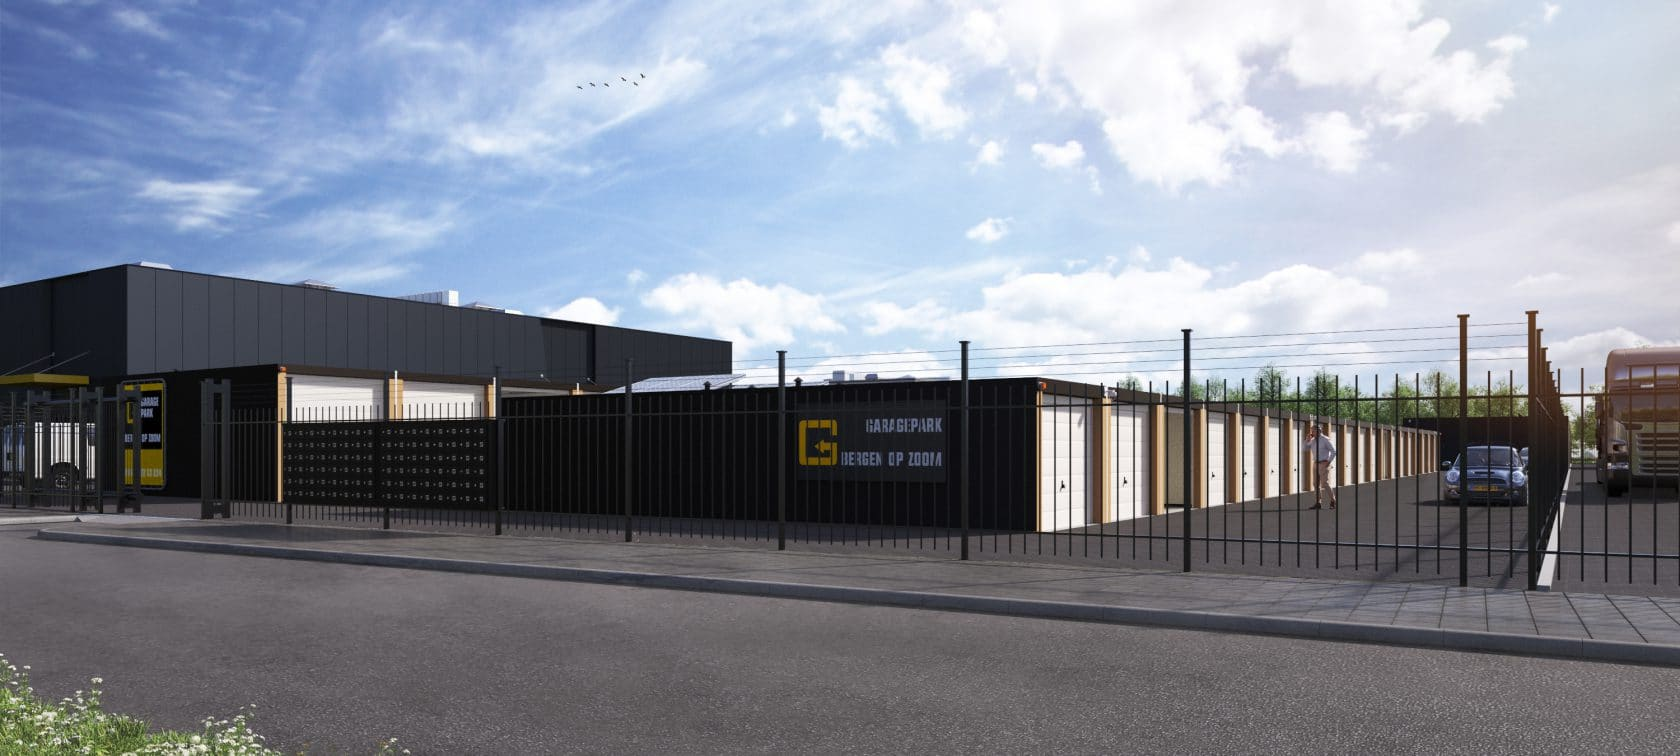 GaragePark Bergen op Zoom - Garageboxen Bergen op Zoom